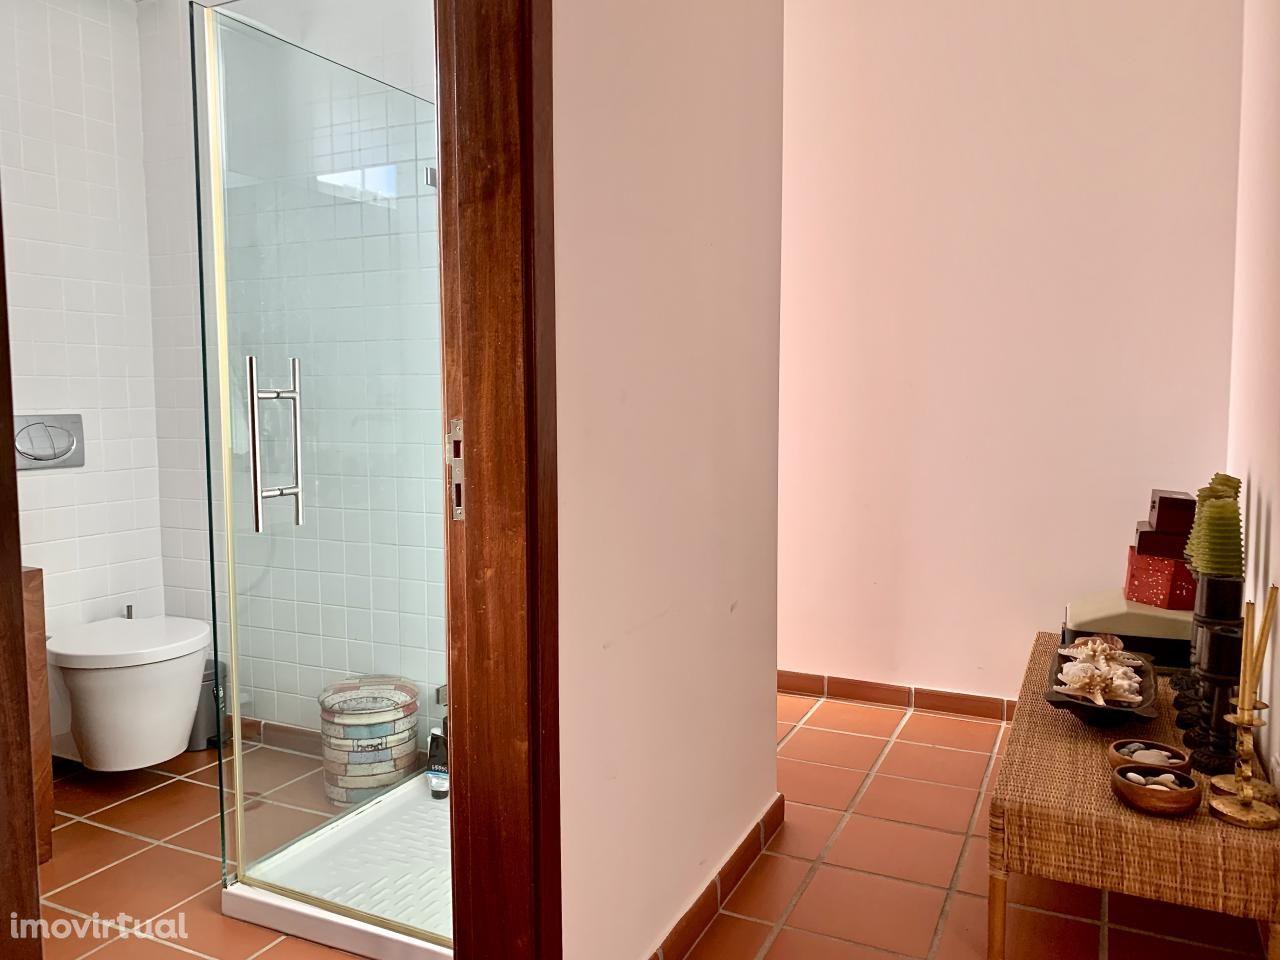 Apartamento para comprar, Amoreira, Óbidos, Leiria - Foto 14